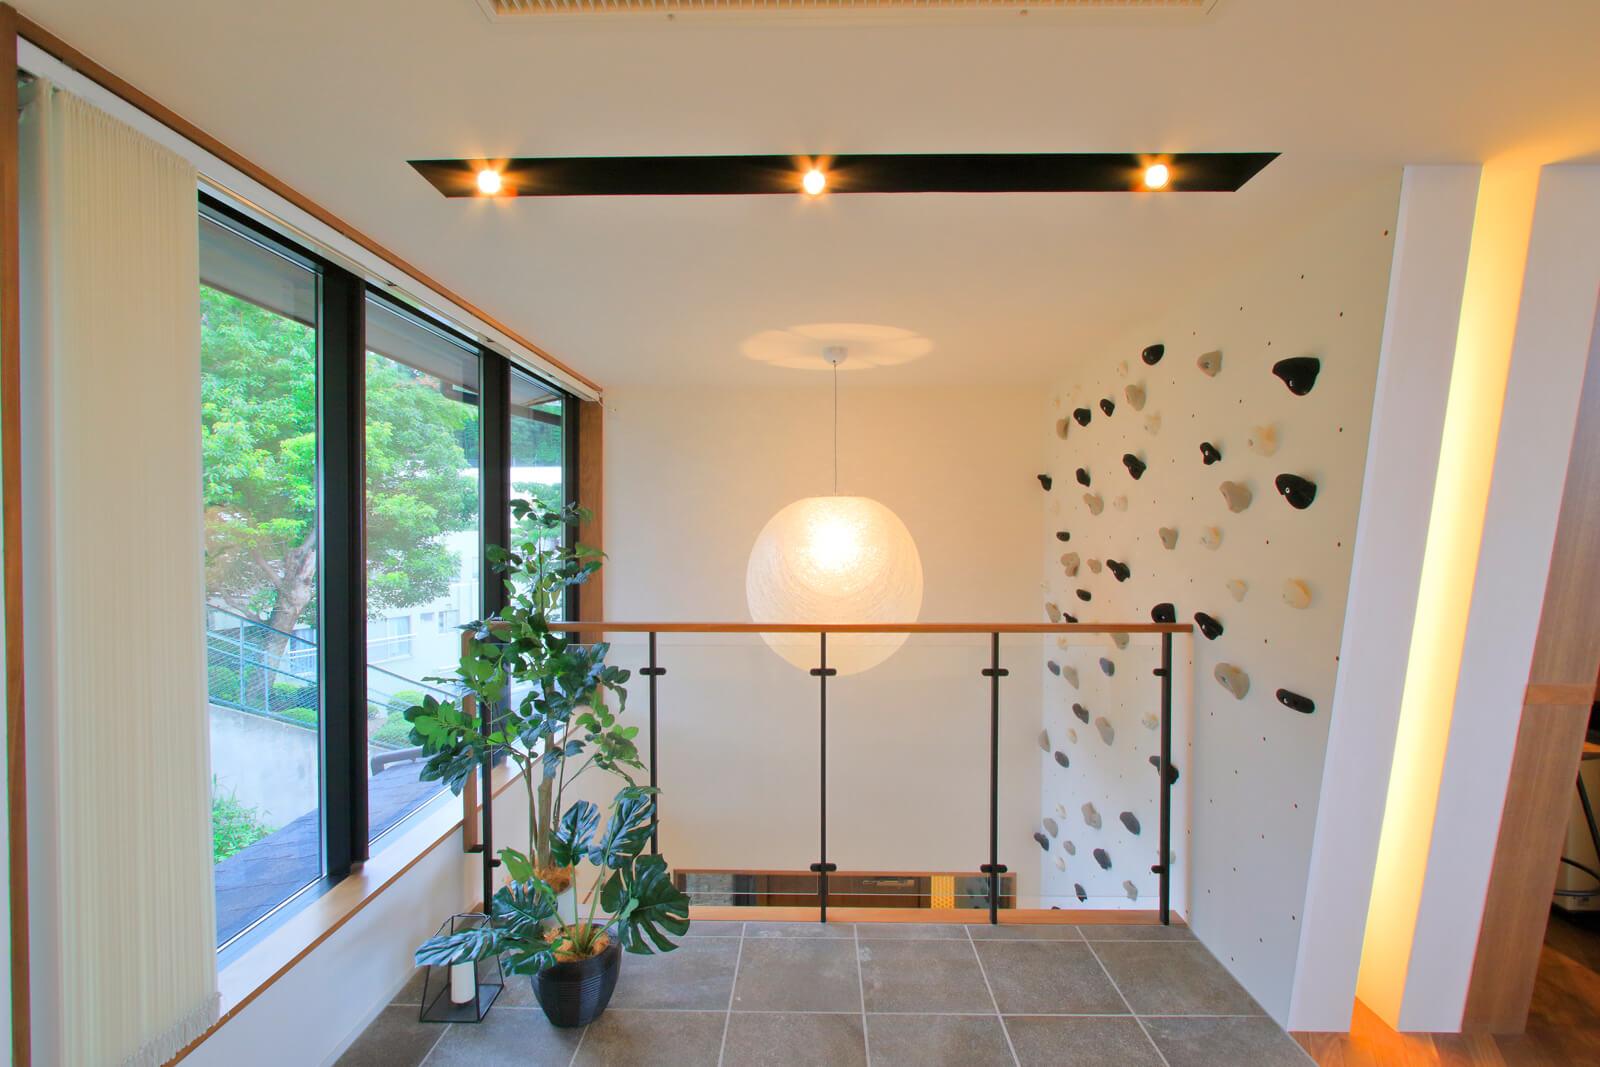 玄関からボルダリングの壁が続く吹き抜けのインナーガーデン。ピアノを設置したステージに面している